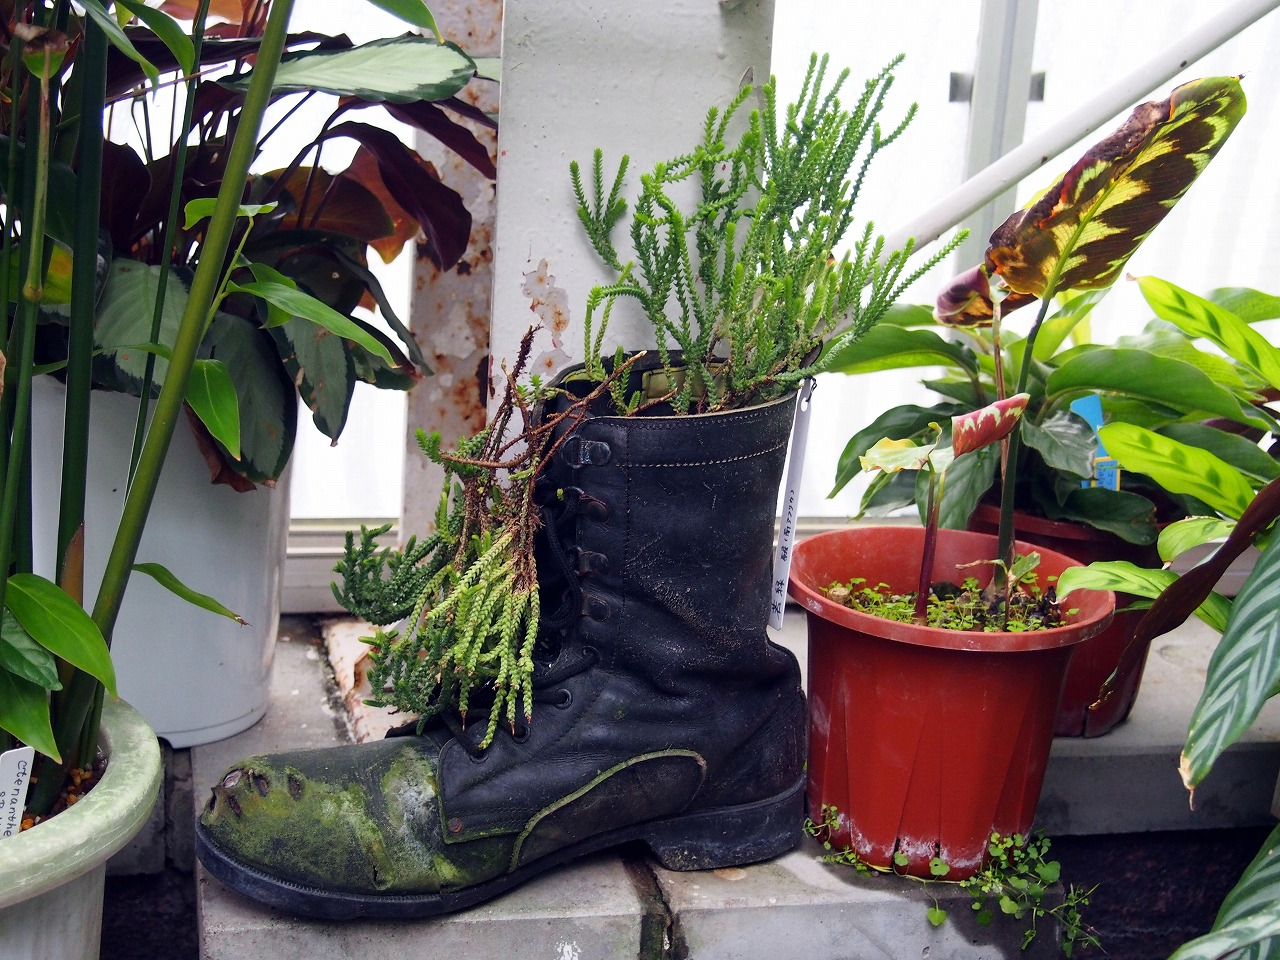 BotanicalGarden146_20141115.jpg